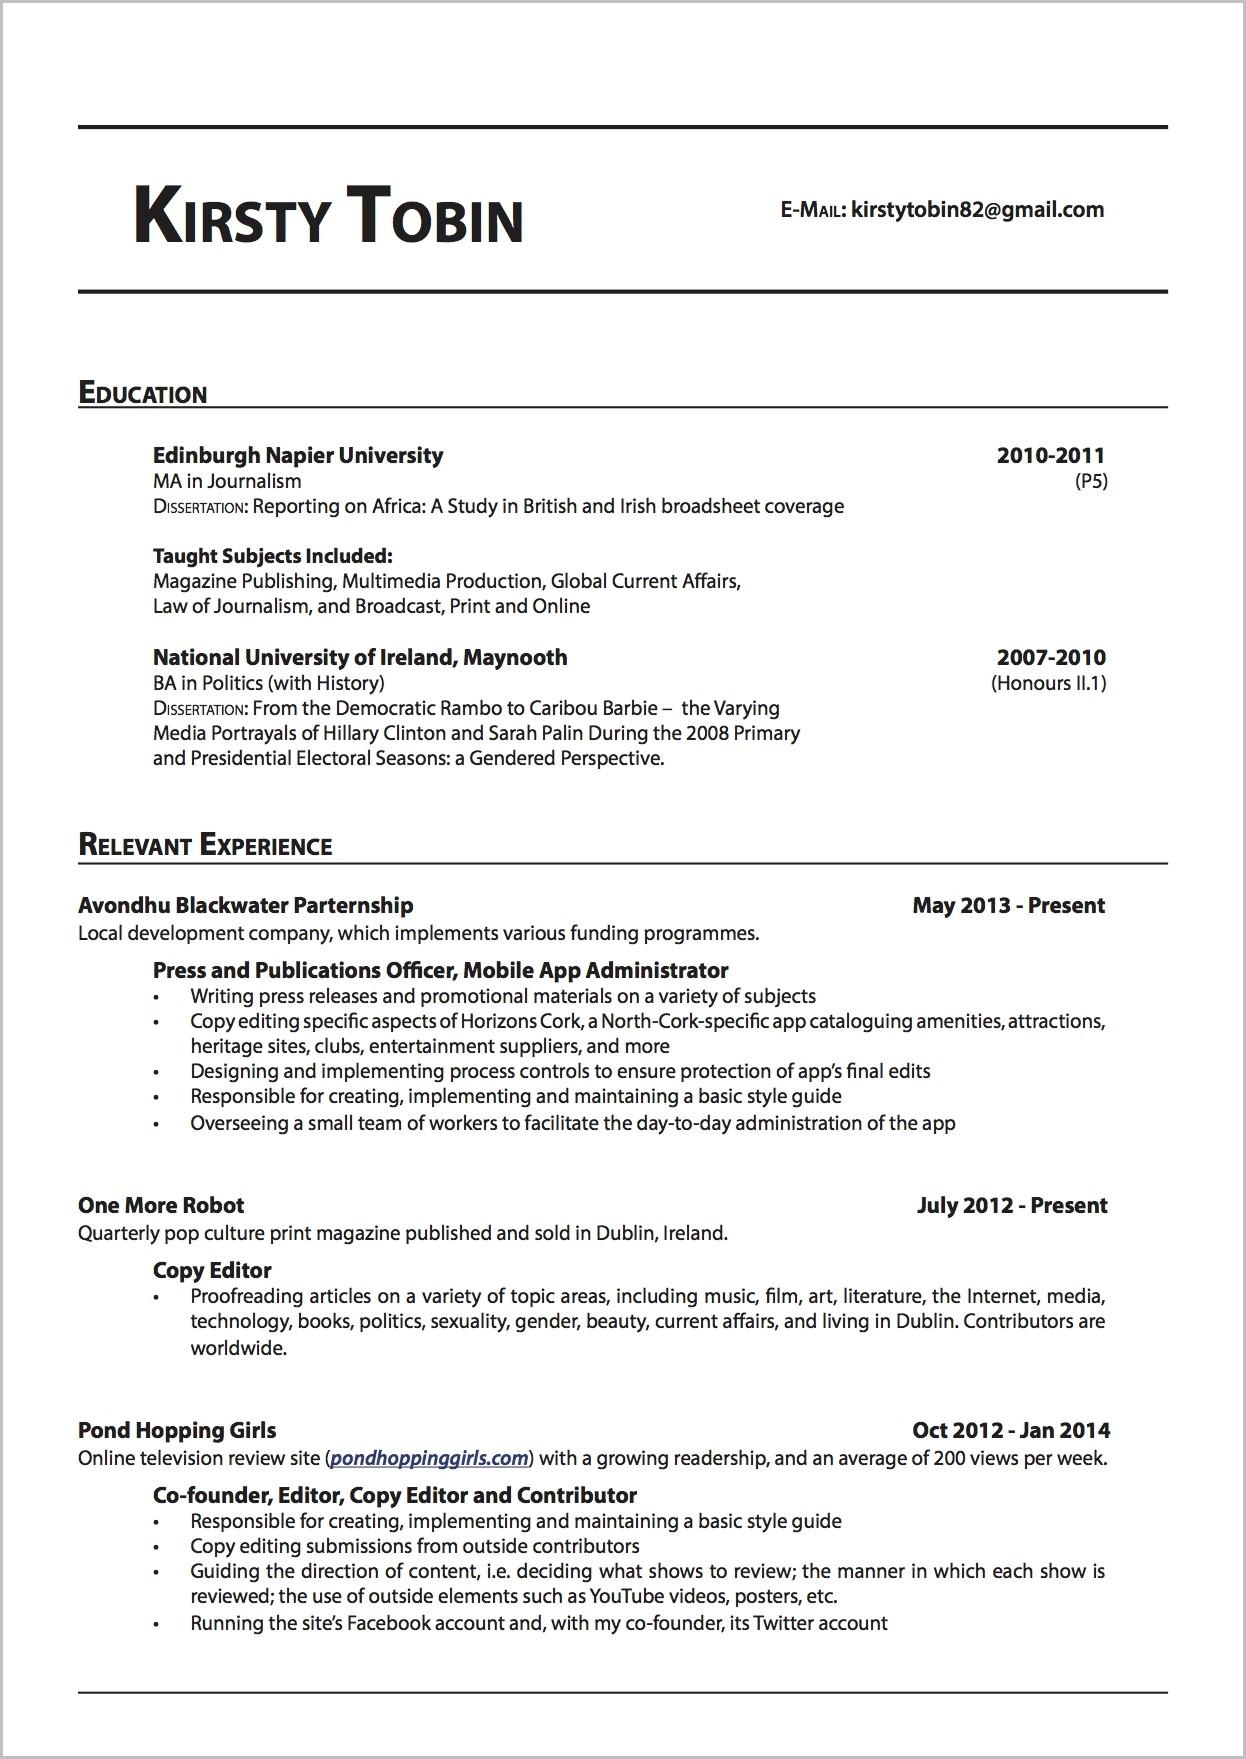 Cover Letter For Freelance Proofreader